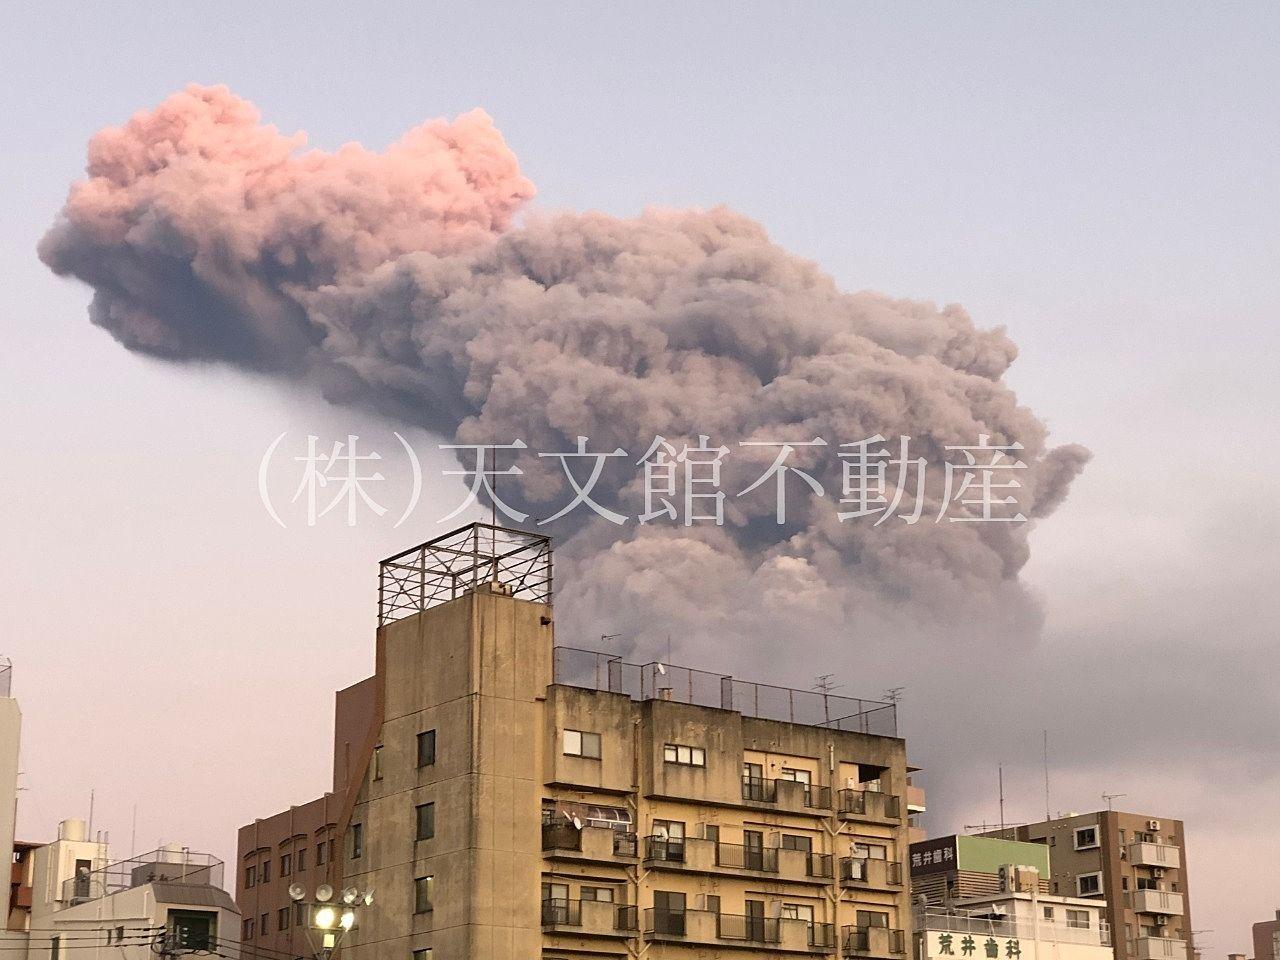 桜島マラソン 噴火